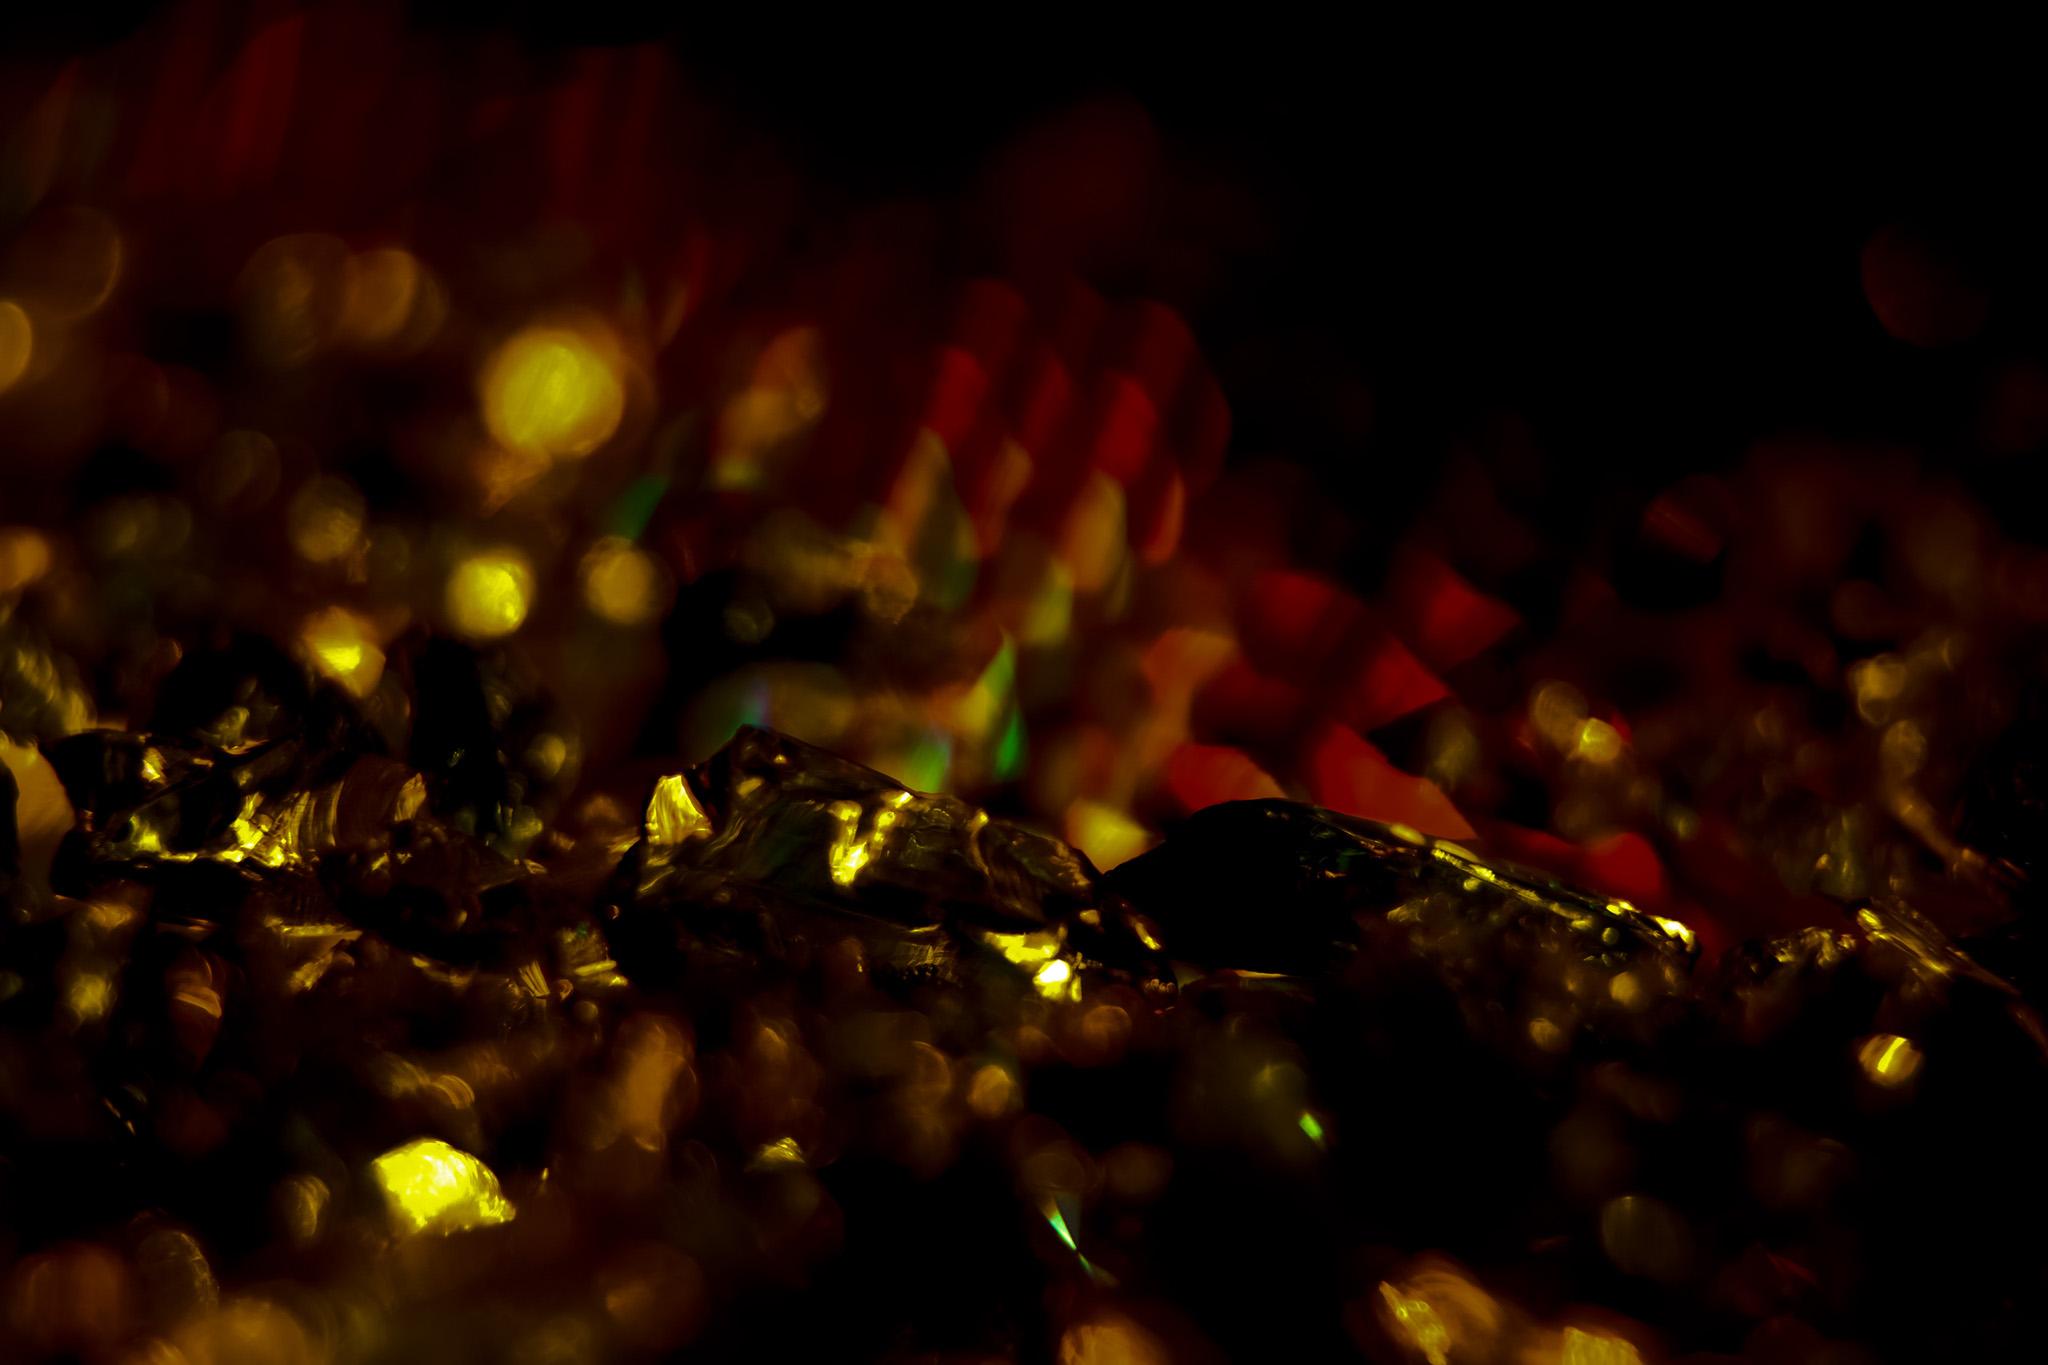 「暗闇の黄色い光」の画像を無料ダウンロード